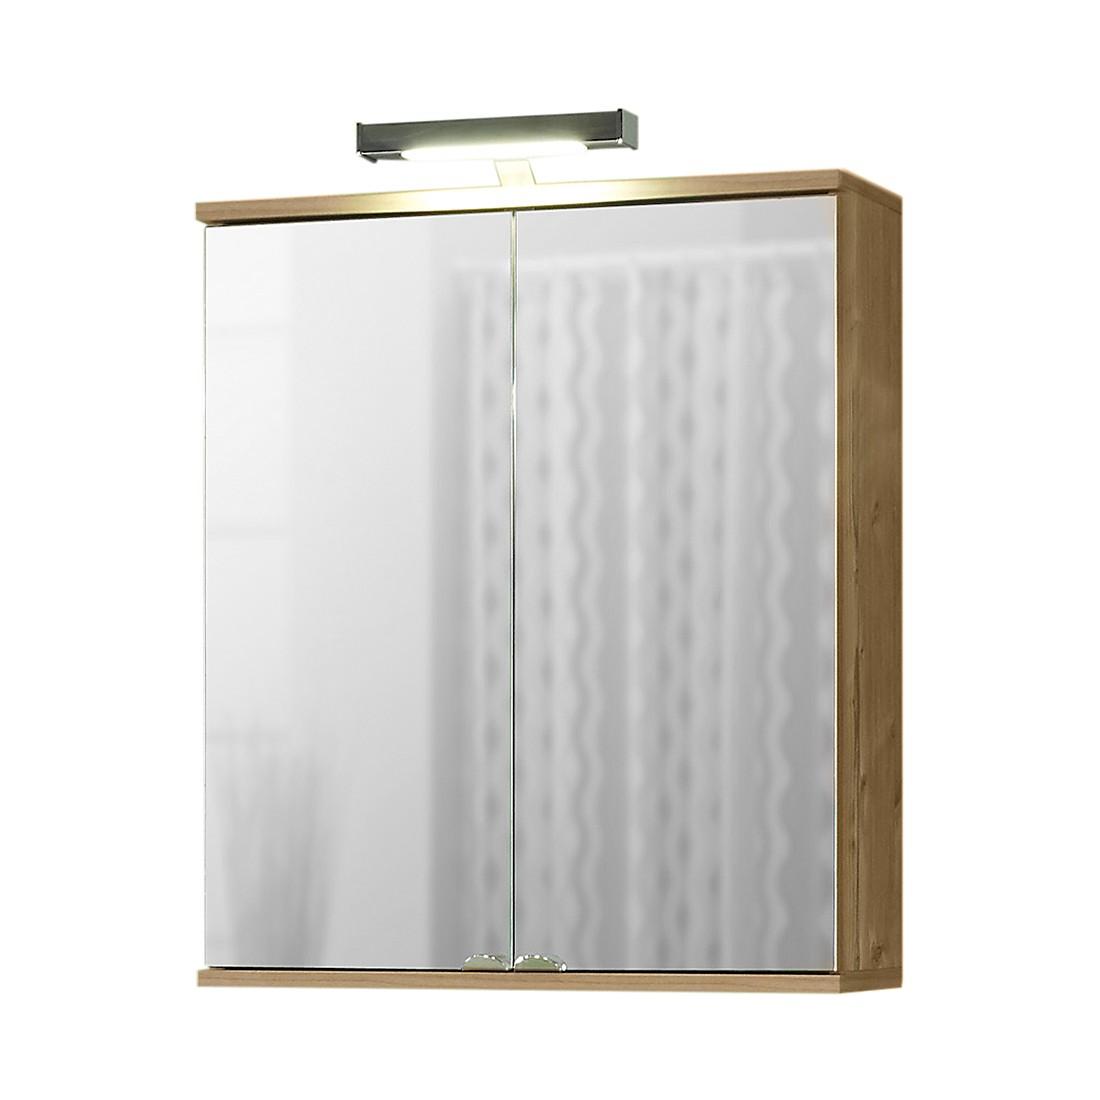 spiegelschrank welnezz mit led beleuchtung silberfichte dekor. Black Bedroom Furniture Sets. Home Design Ideas